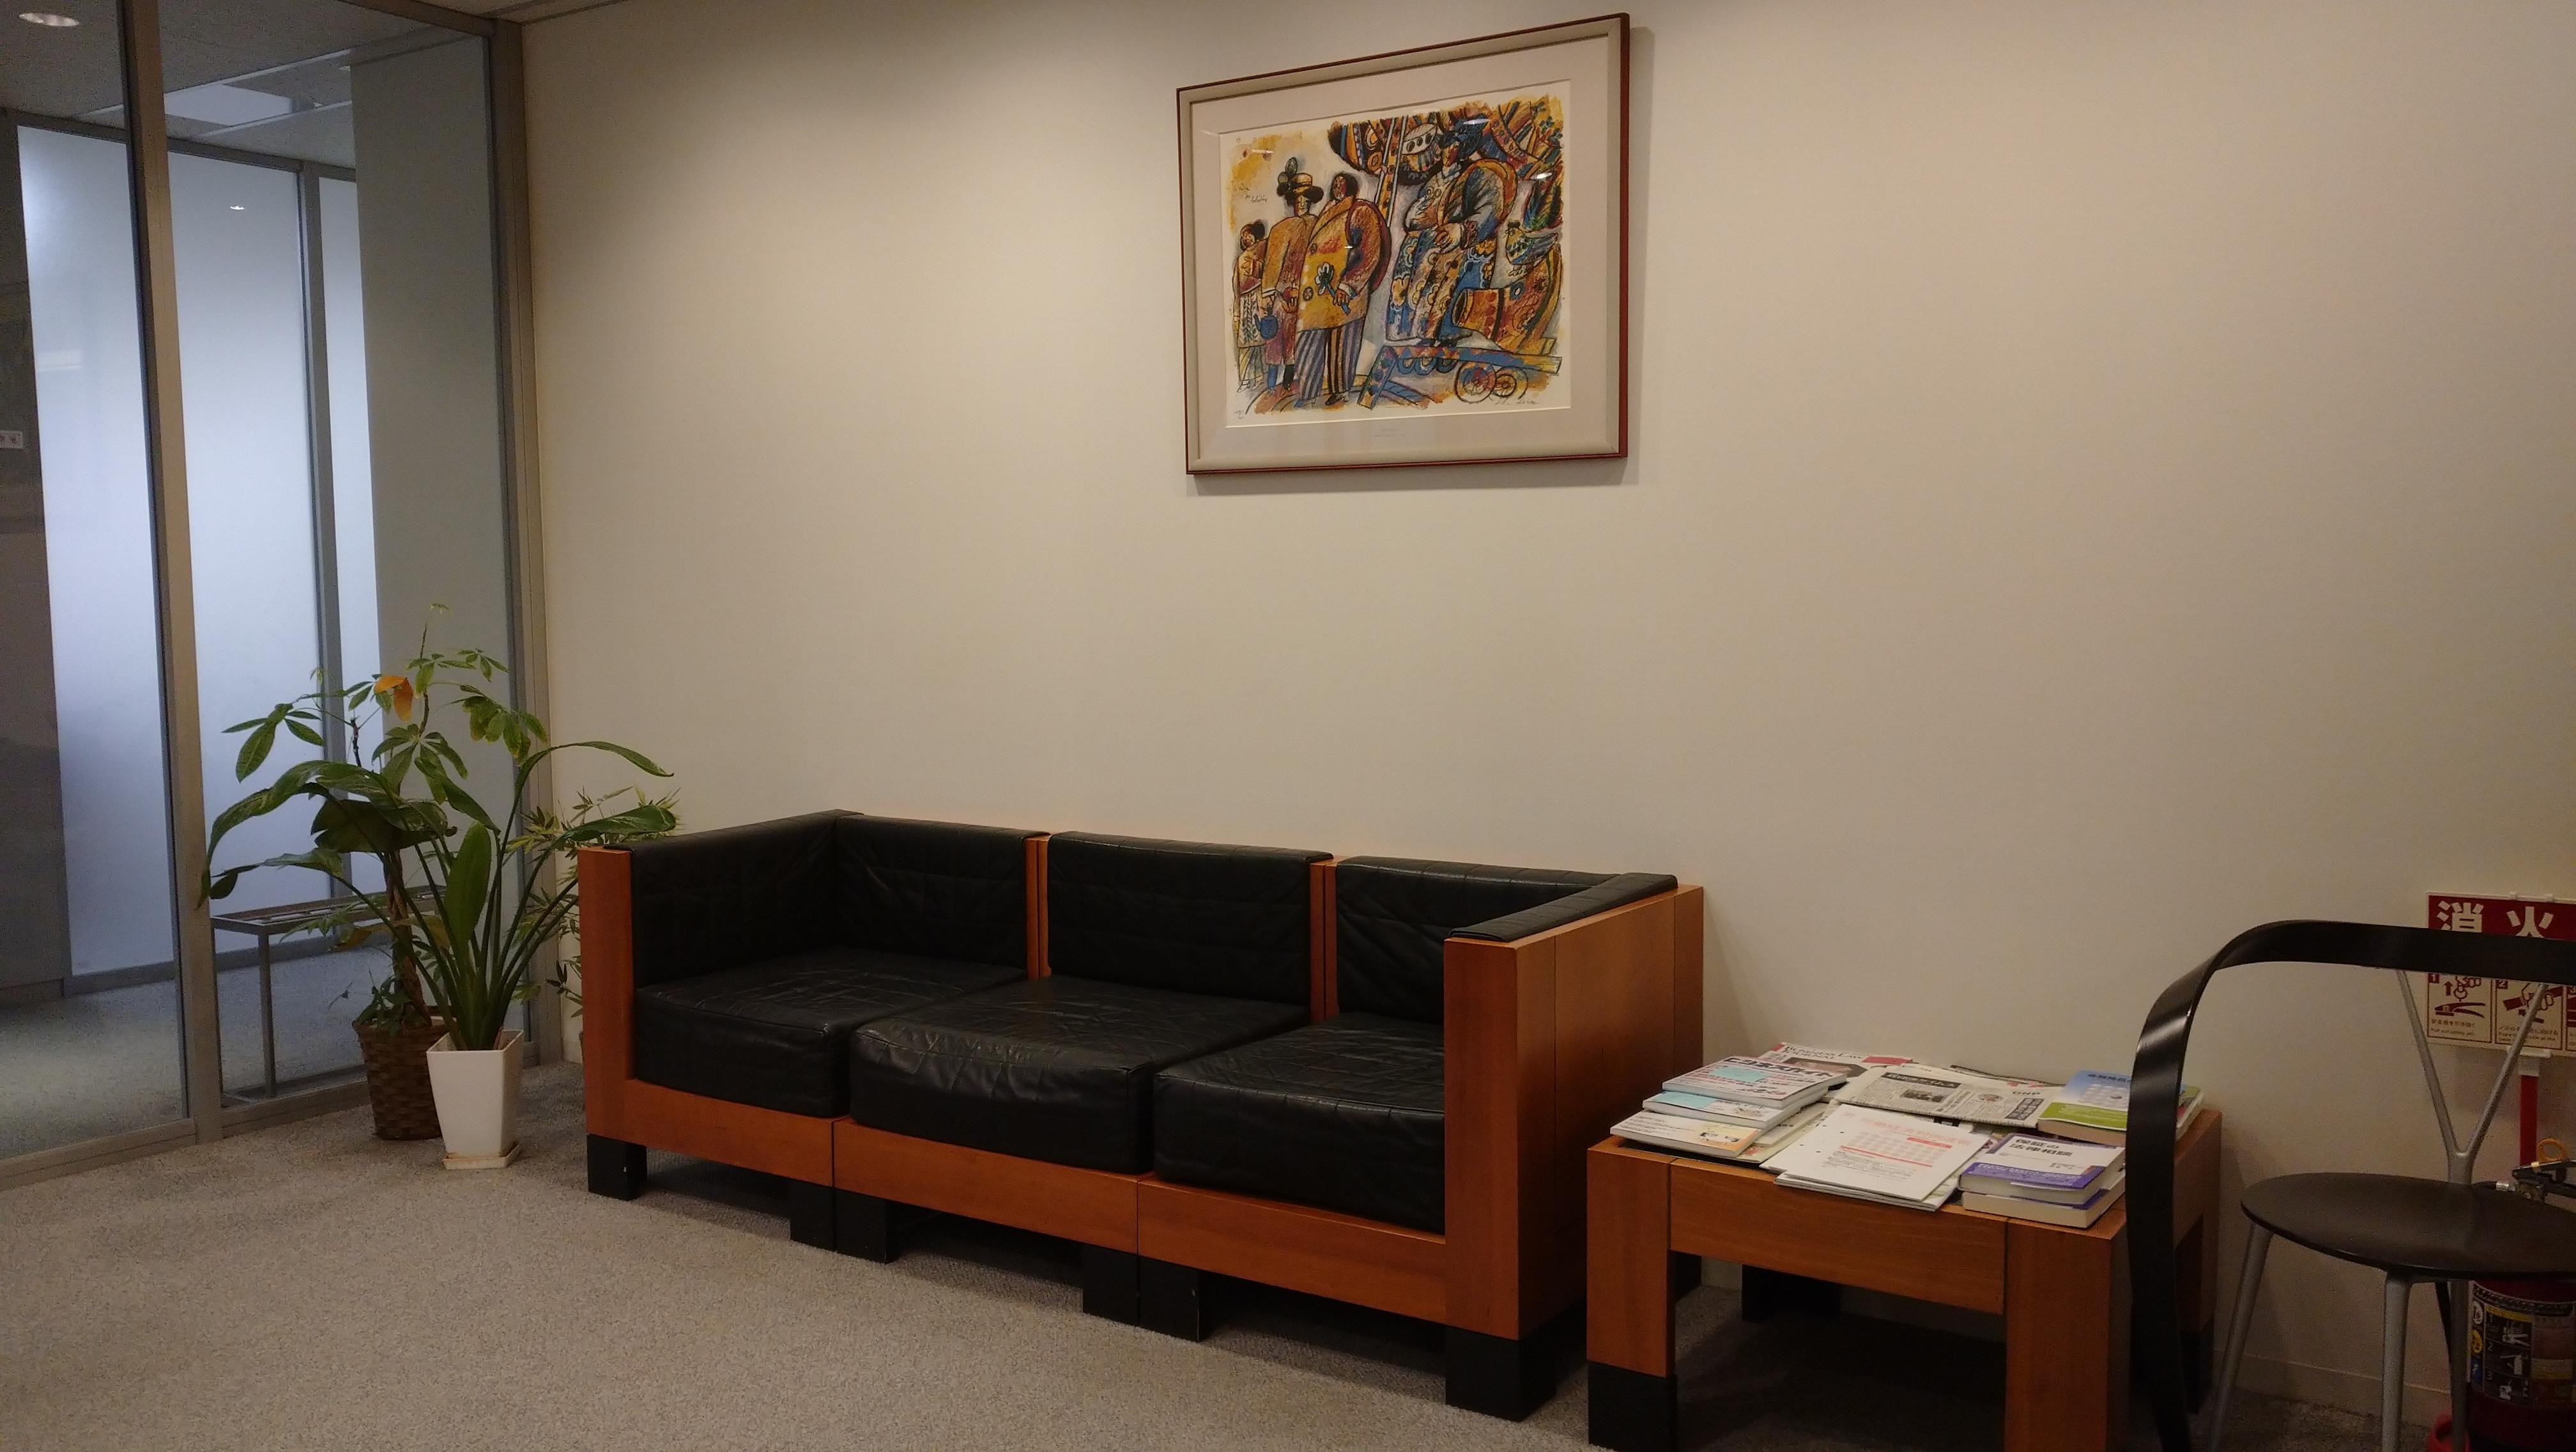 東京ジェイ法律事務所の標識がありますので、入り口のガラスドアまでお進みノックしてください。